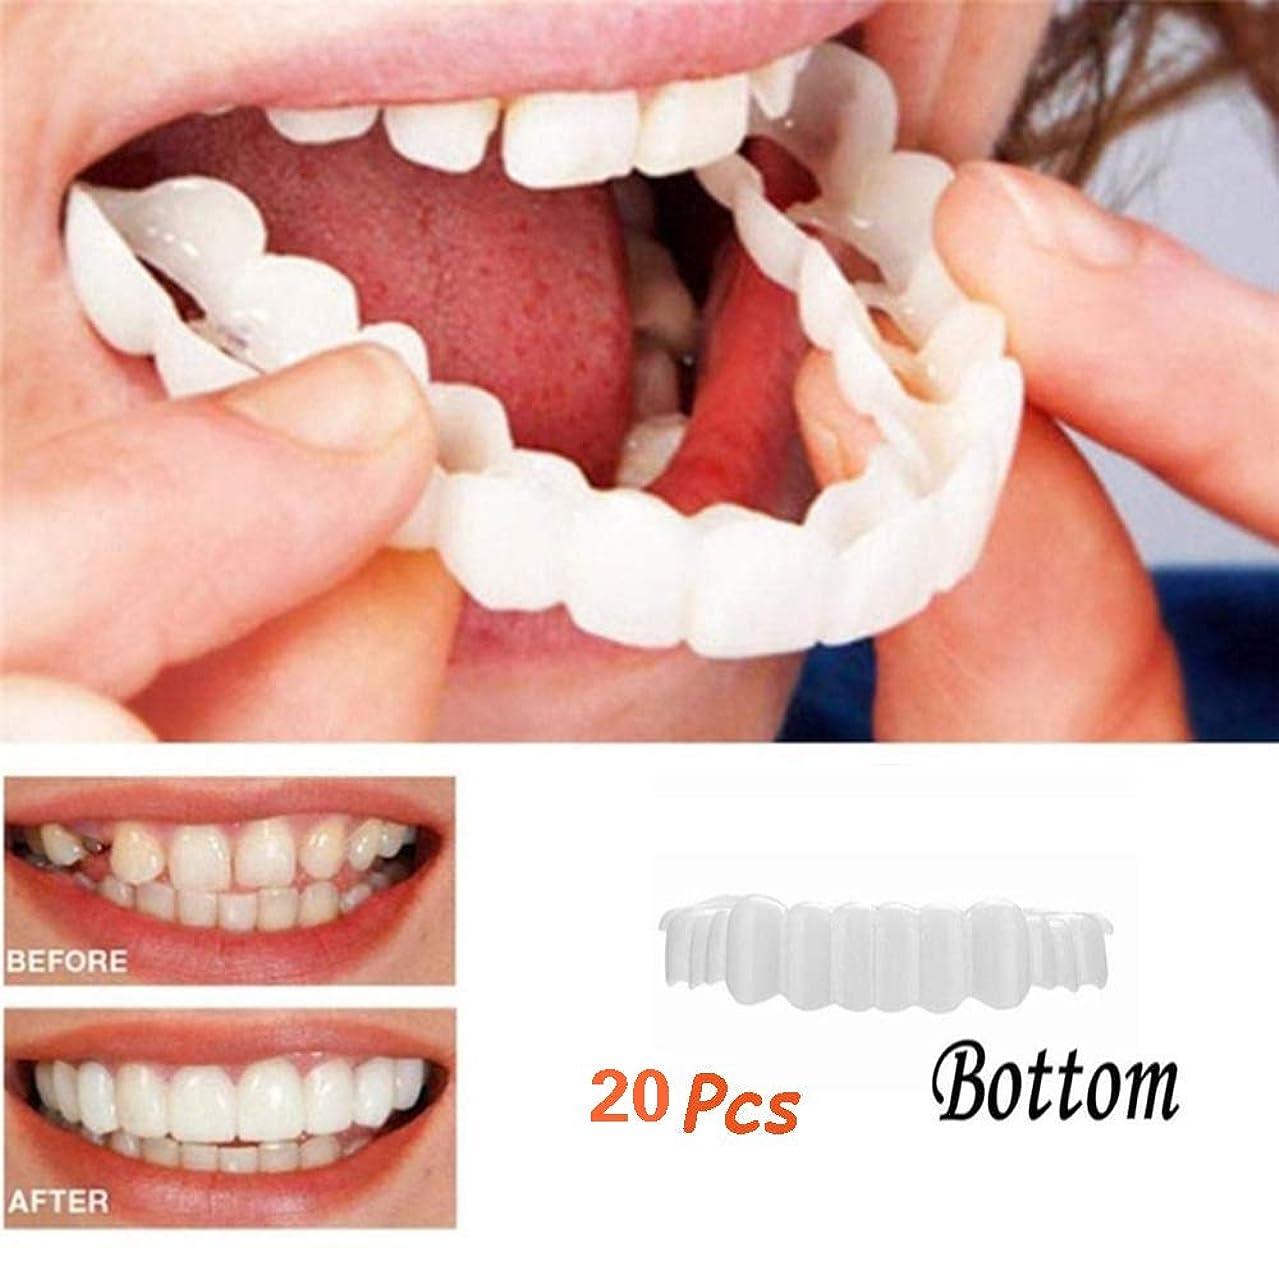 正確さ探検定義20ピースボトム化粧品歯コンフォートフィットフレックス化粧品歯義歯歯低い歯ホワイトニングスナップオンインスタント笑顔サイズフィット